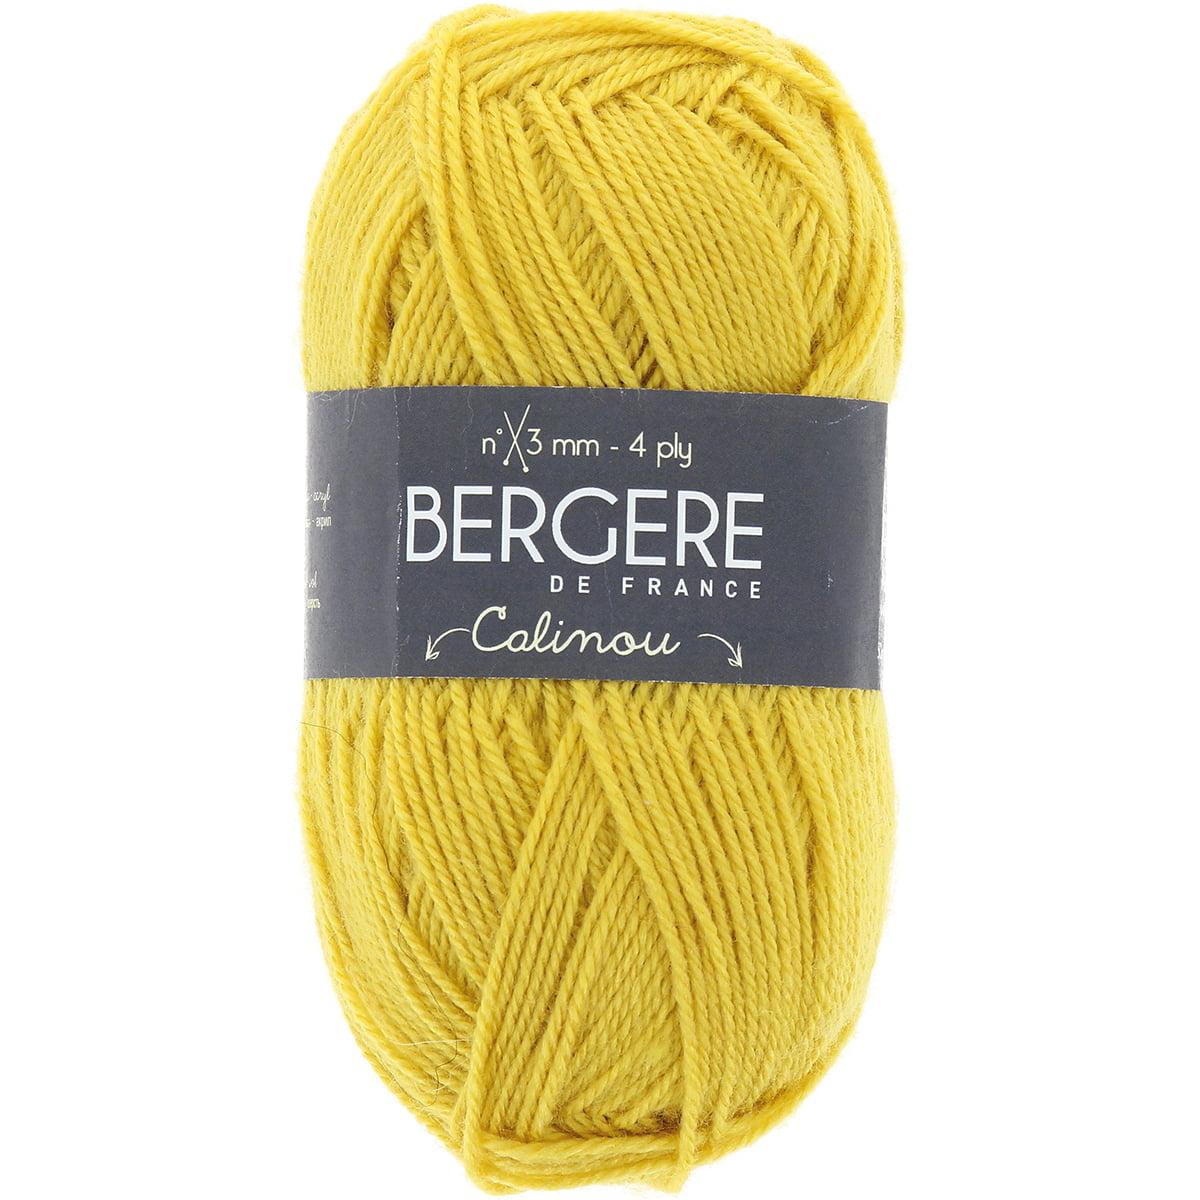 Bergere De France Calinou Yarn-Safran